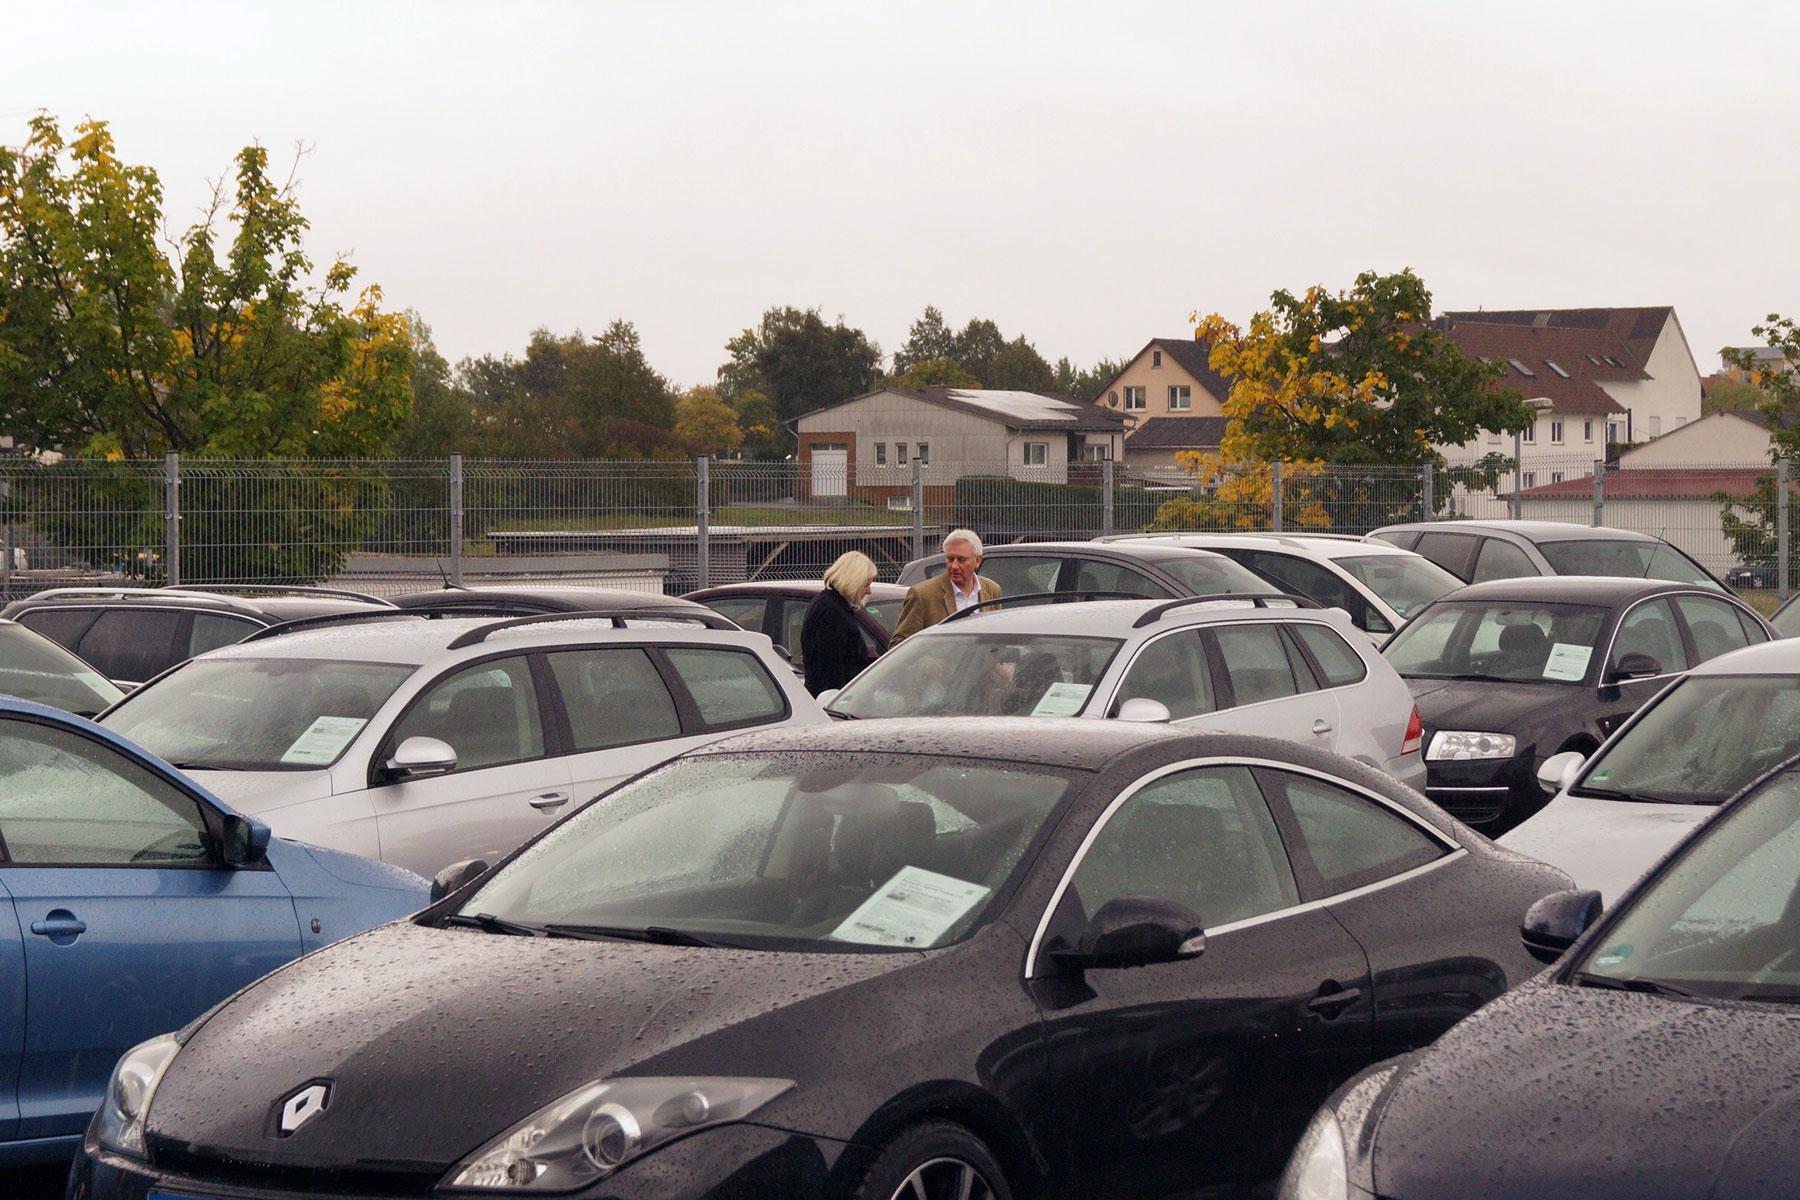 Nagyobb értékű autók elkallódott kulcsát a nepperek lehetőleg nem márkaszervizben pótolják, hogy ne legyen nyoma